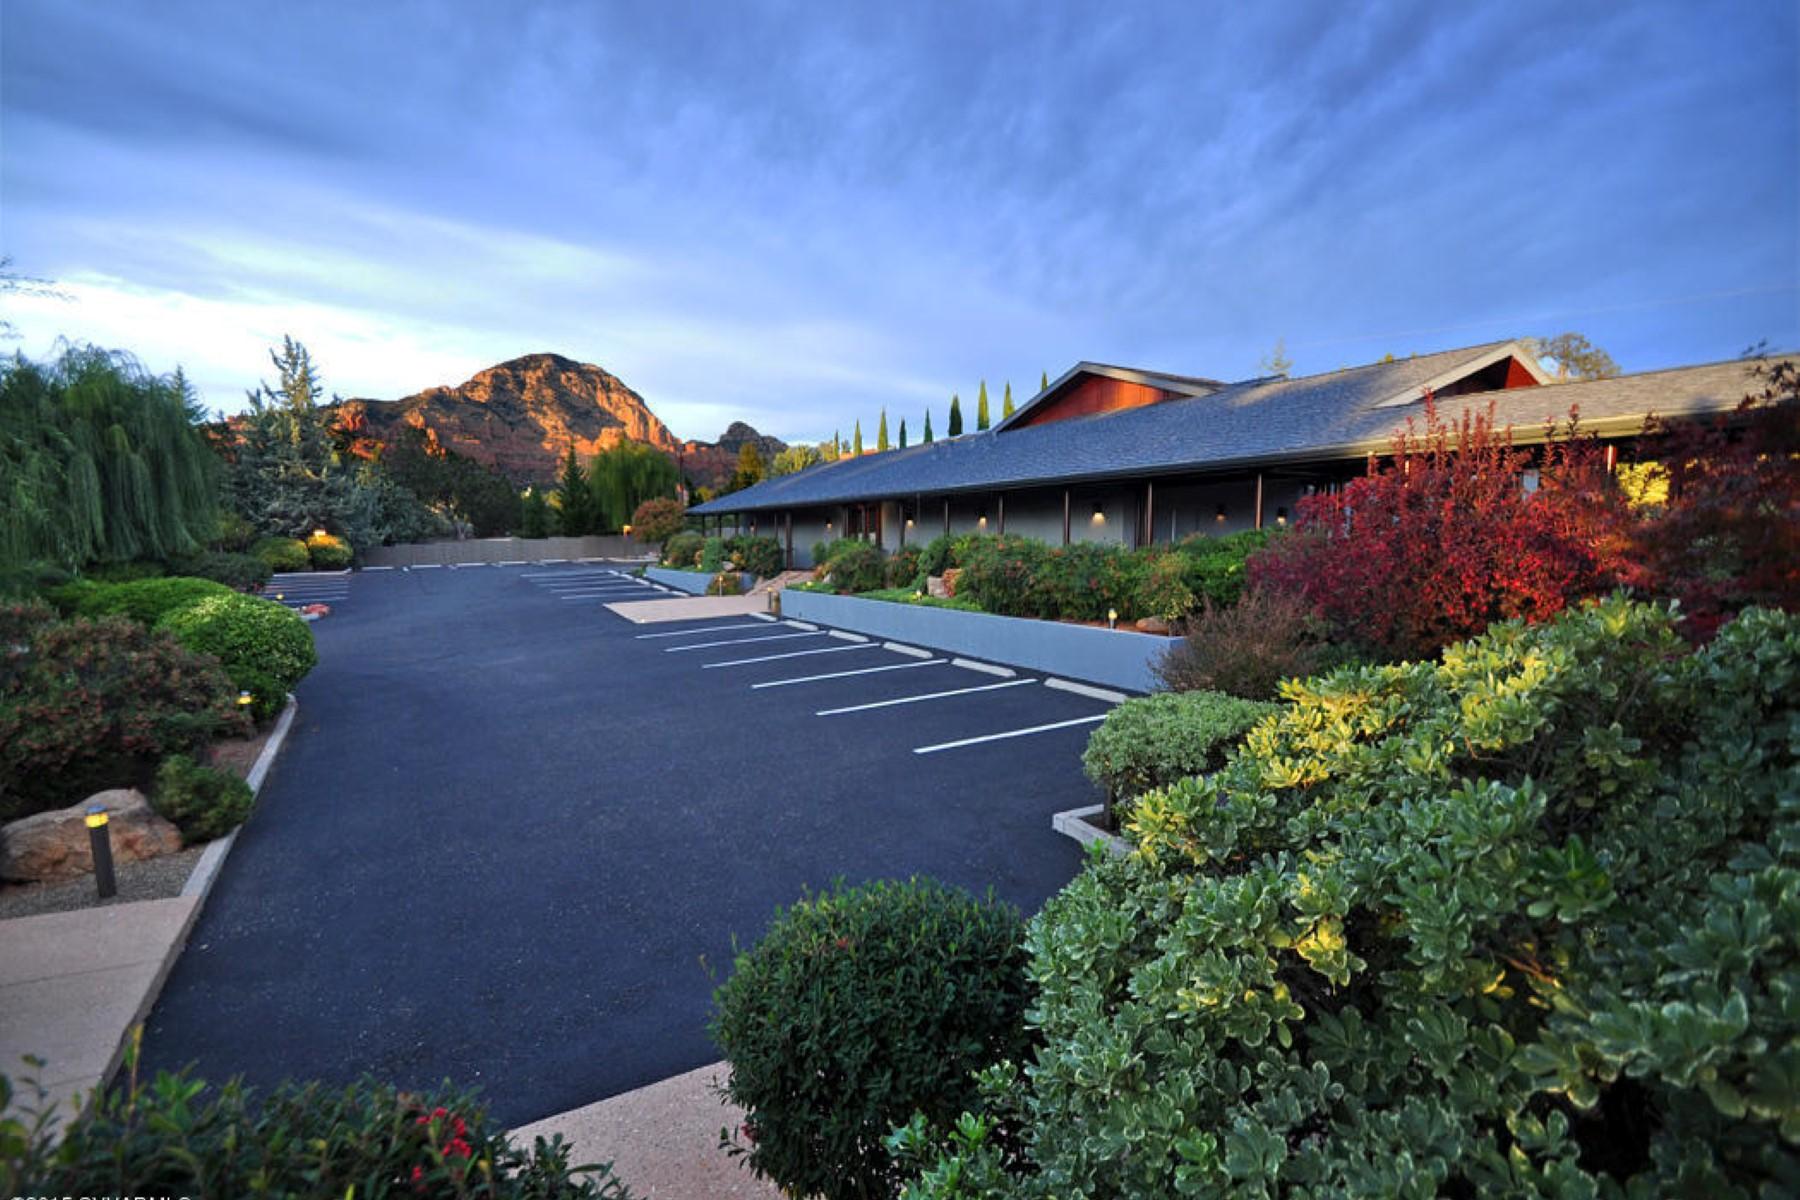 独户住宅 为 销售 在 A secluded and gated property of 1.9 acres in the heart of Sedona 120 Deer Trail Drive Sedona, 亚利桑那州 86336 美国